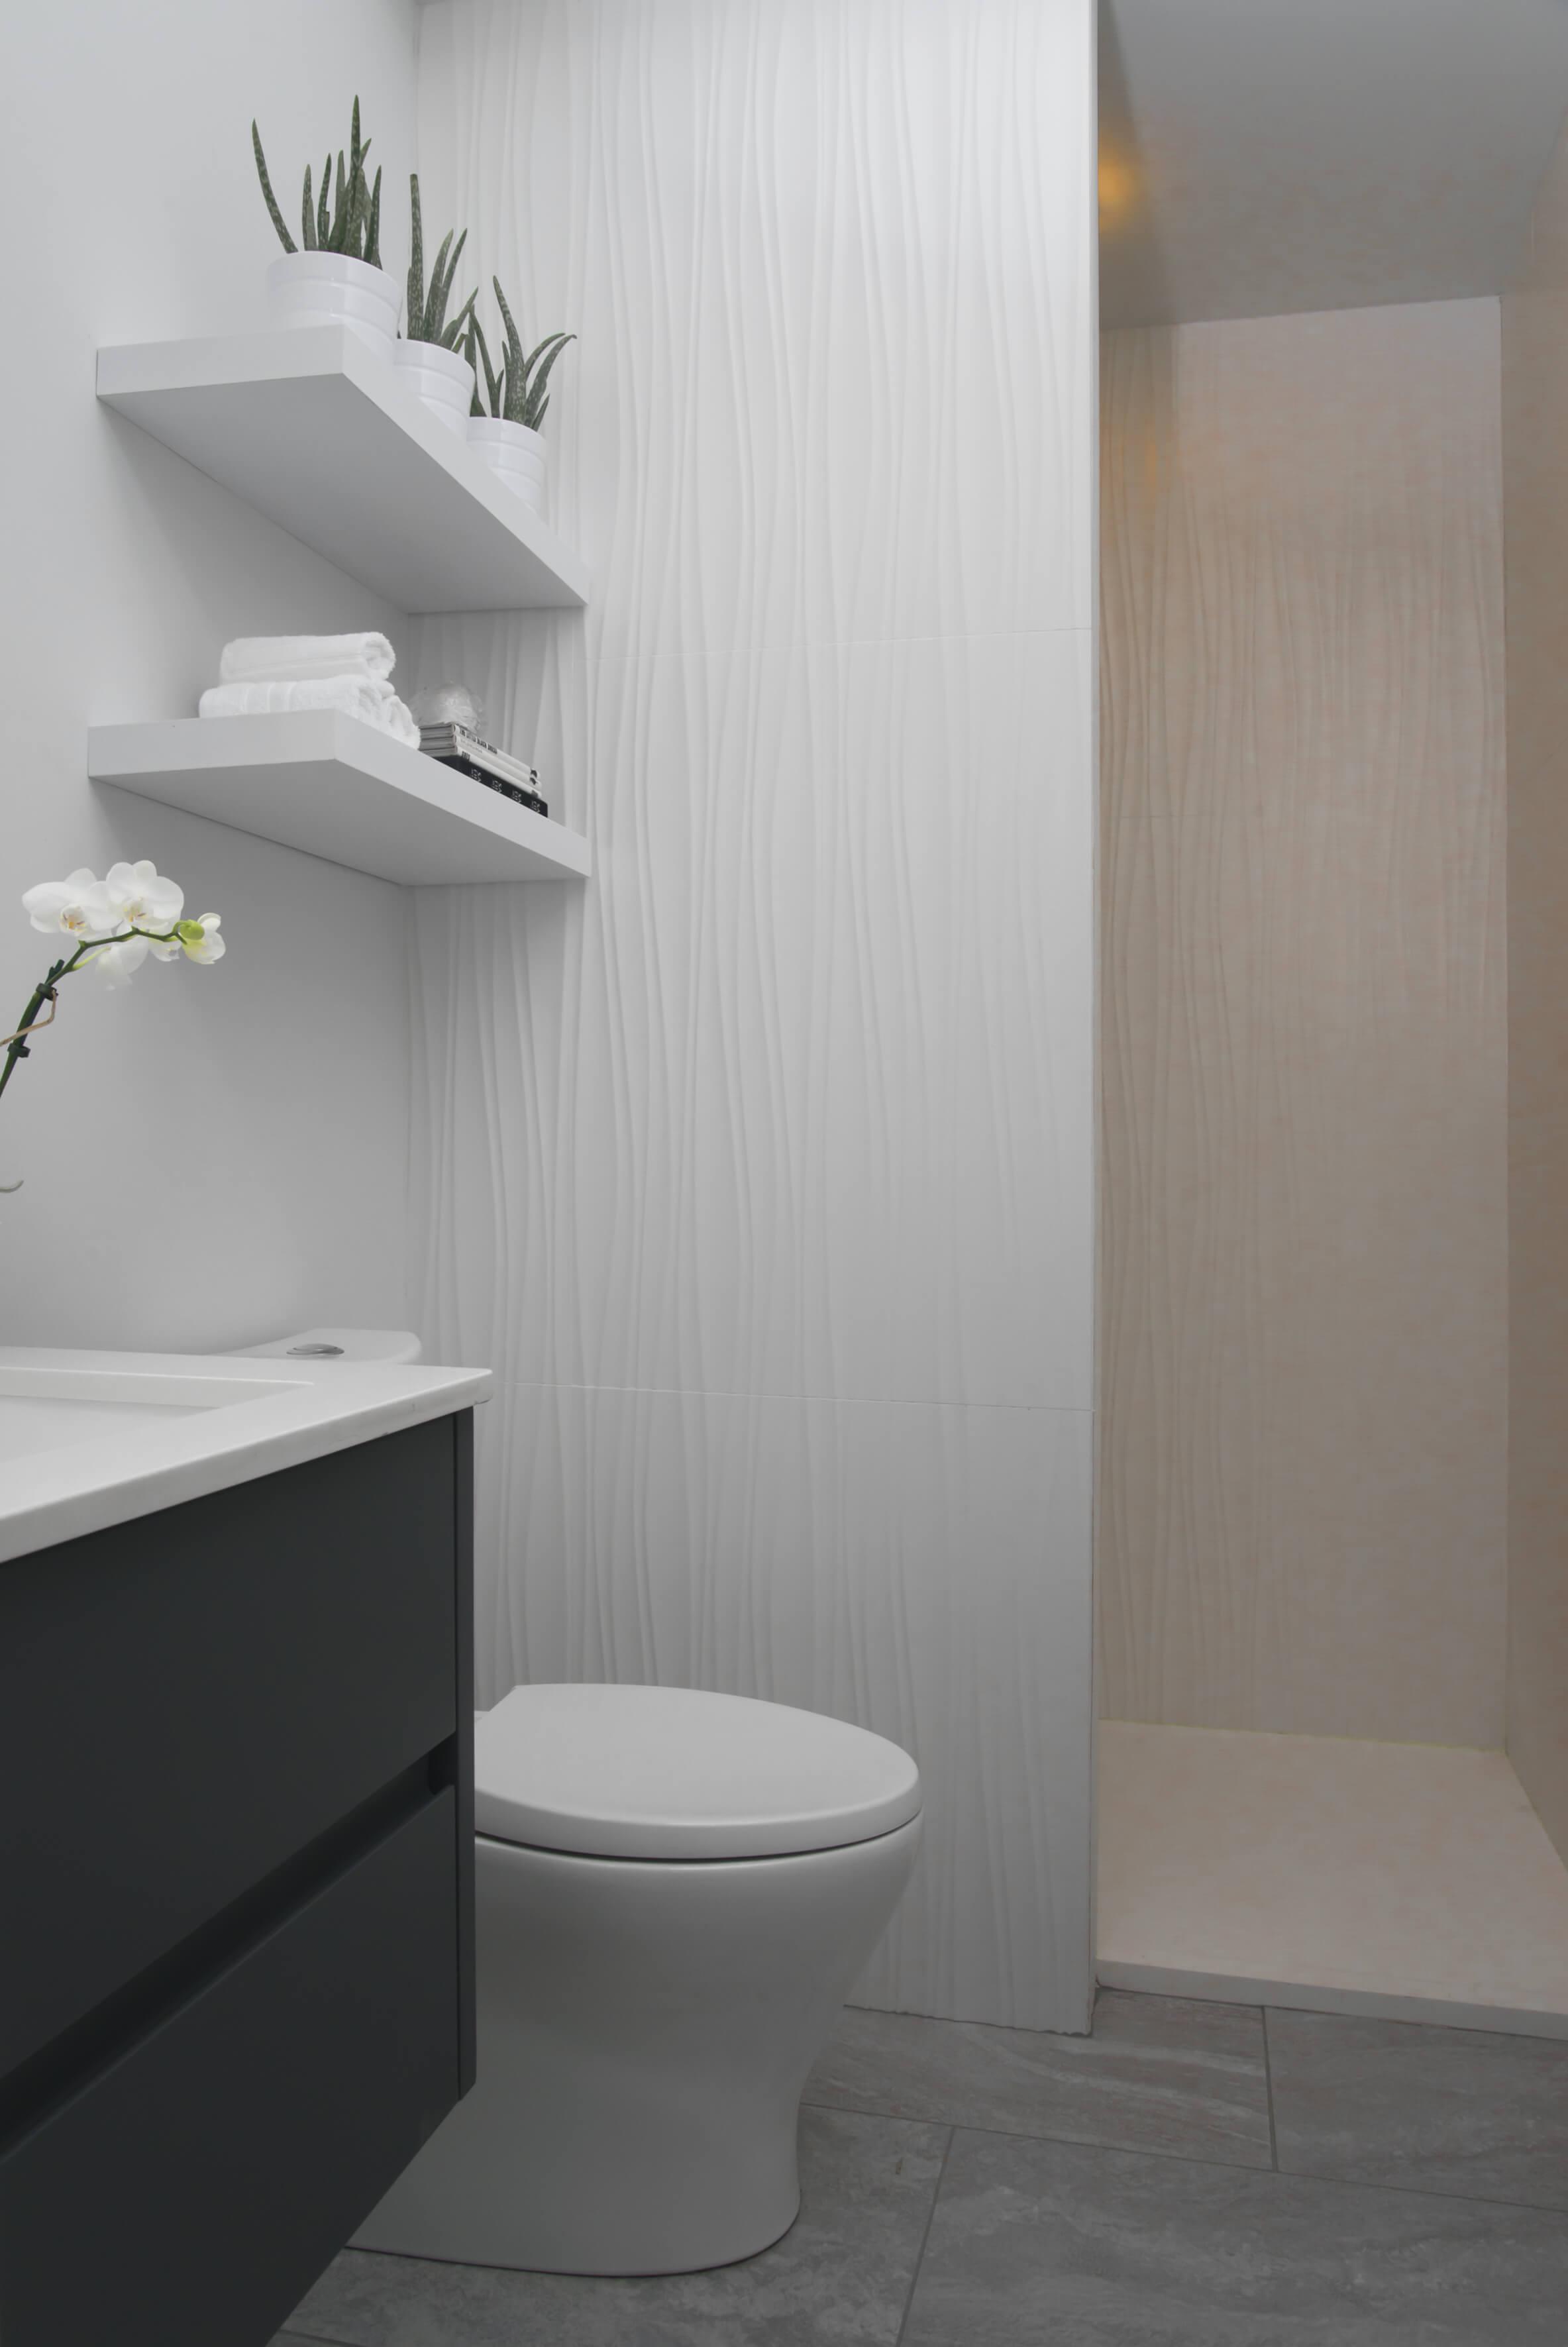 White and minimal bathroom designed by Cincinnati Interior Designer, RM Interiors.